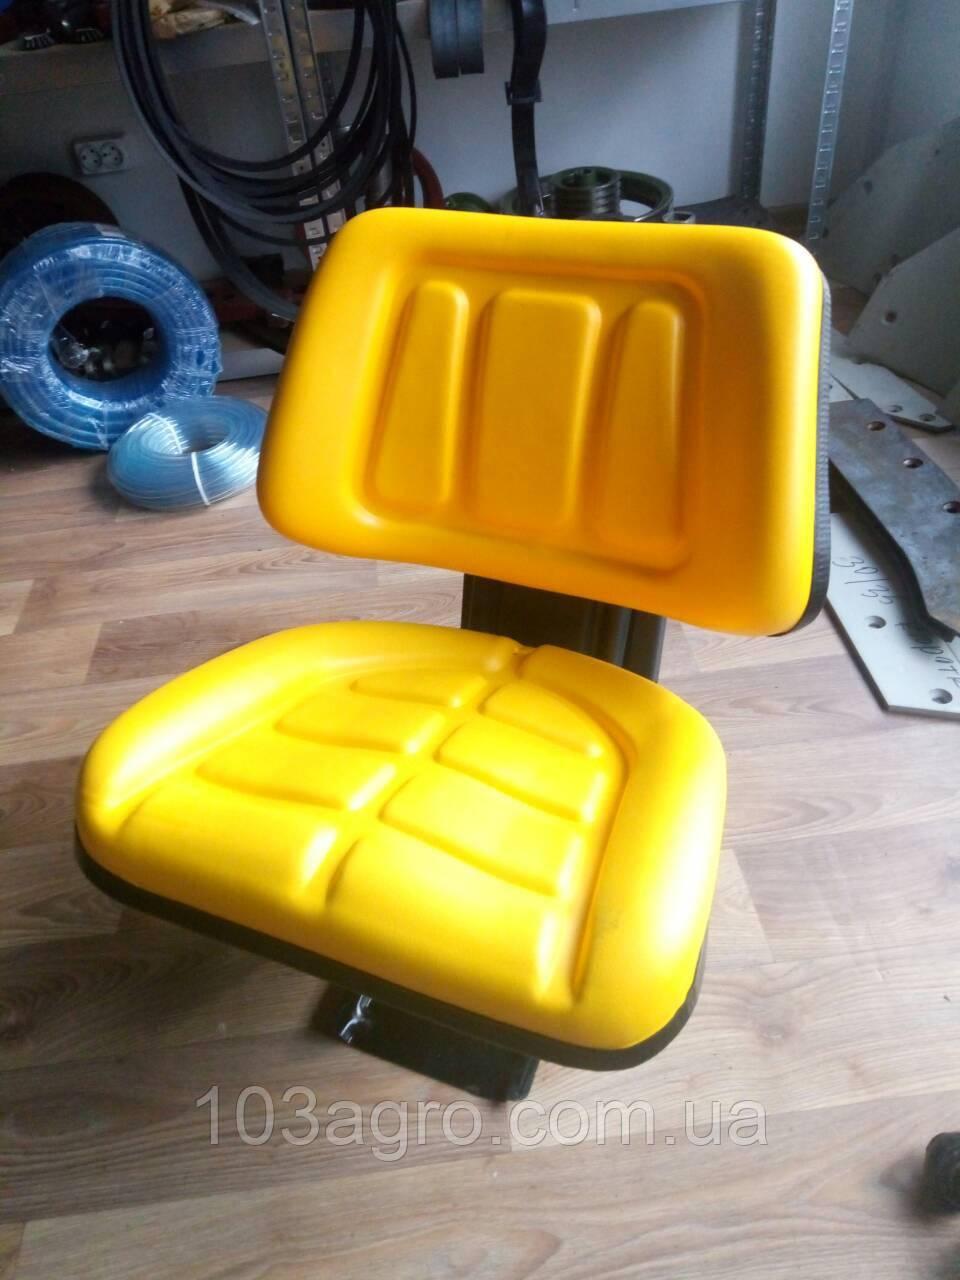 Сидіння з амортизатором